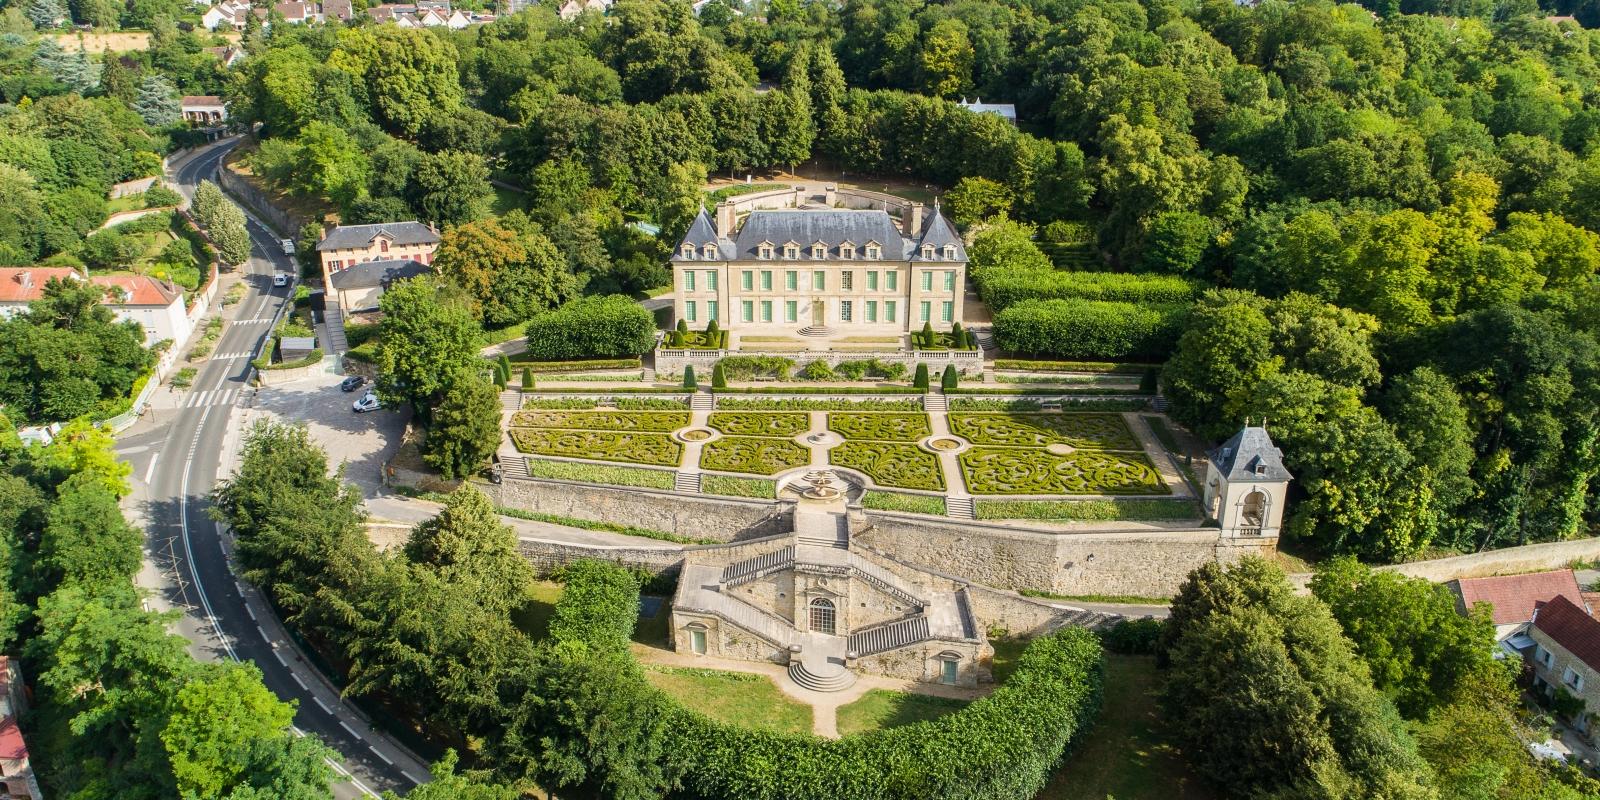 Photo du Château d'Auvers son jardin à la française et ses alentours prise en drône depuis le ciel